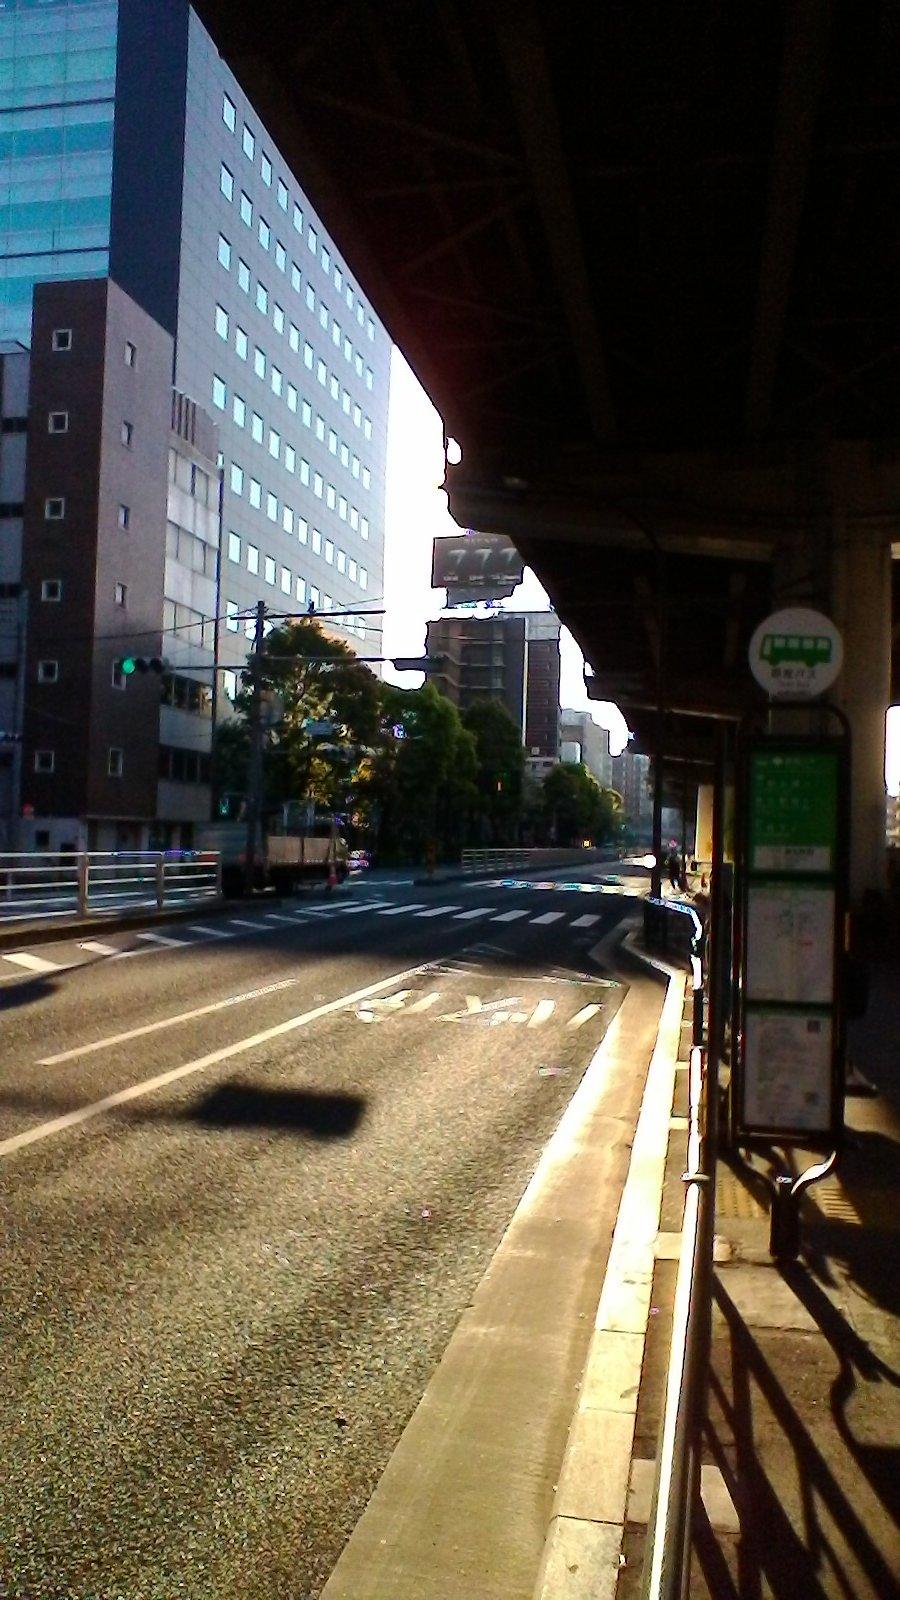 画像,江戸川橋というより石切橋~東五軒町の上り線のみ通行止め・・・歩道もアウト https://t.co/pFbVm8Z84K。